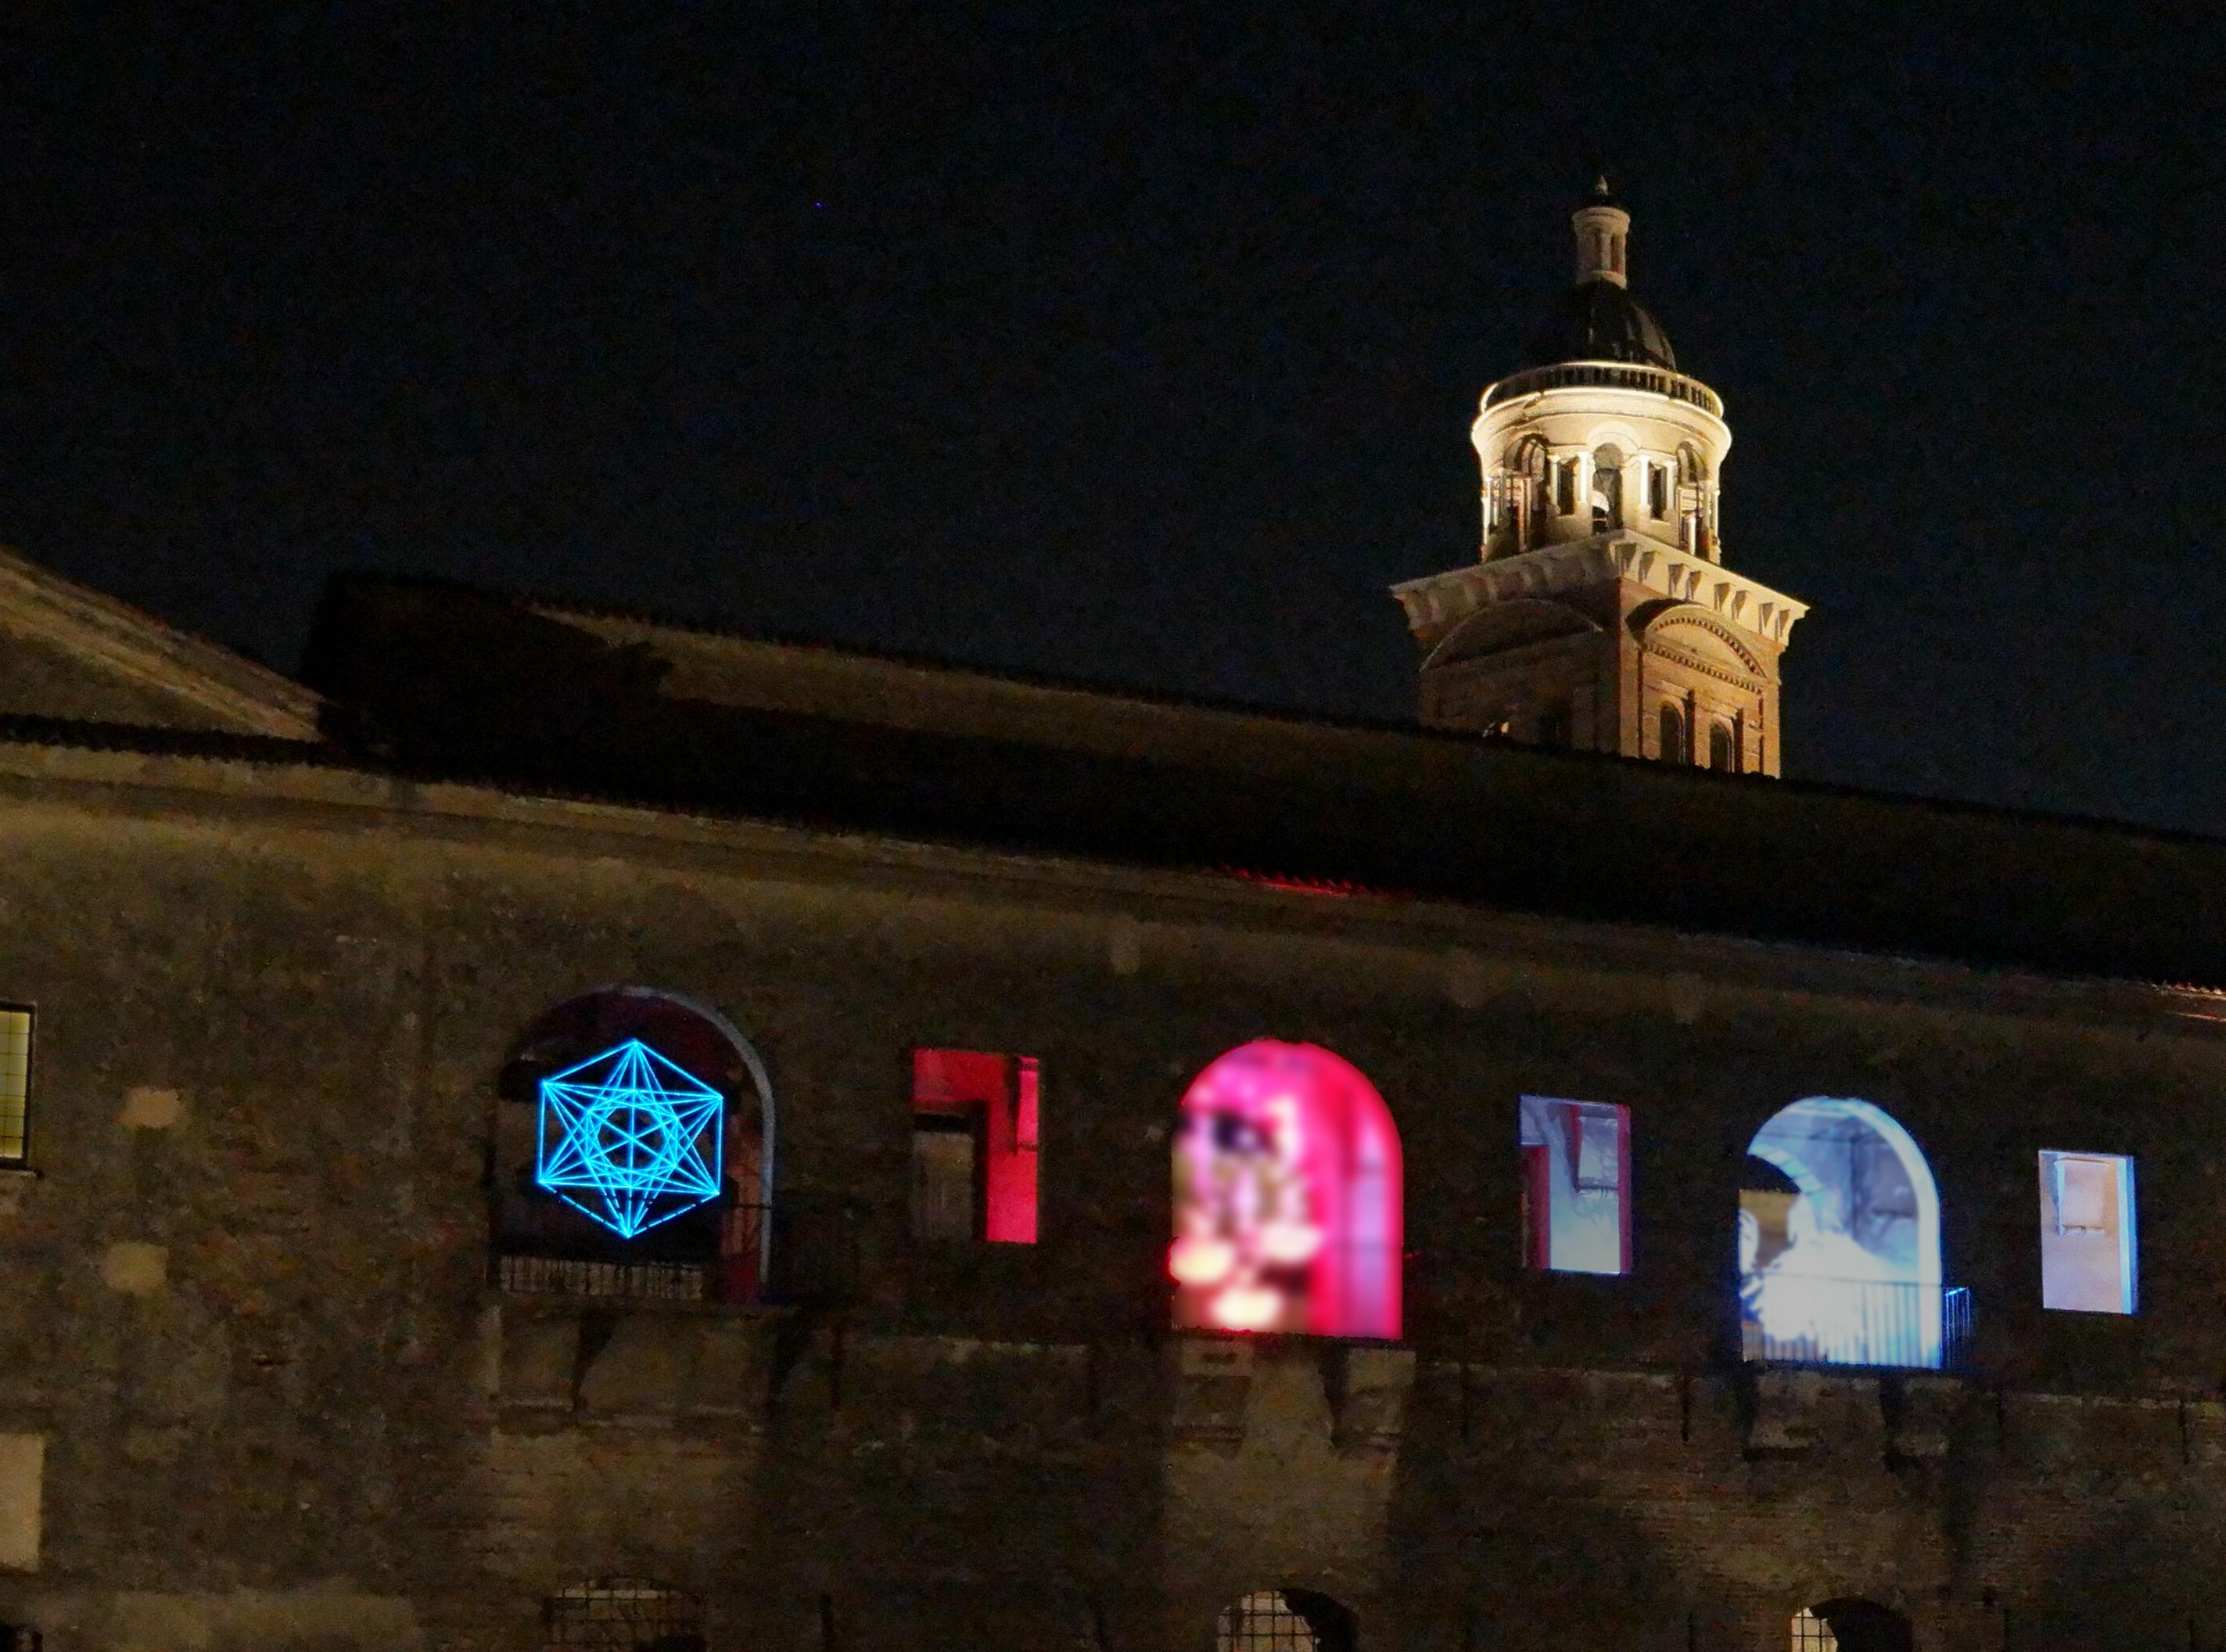 HEXAGONES 2016 palazzo ducale ok